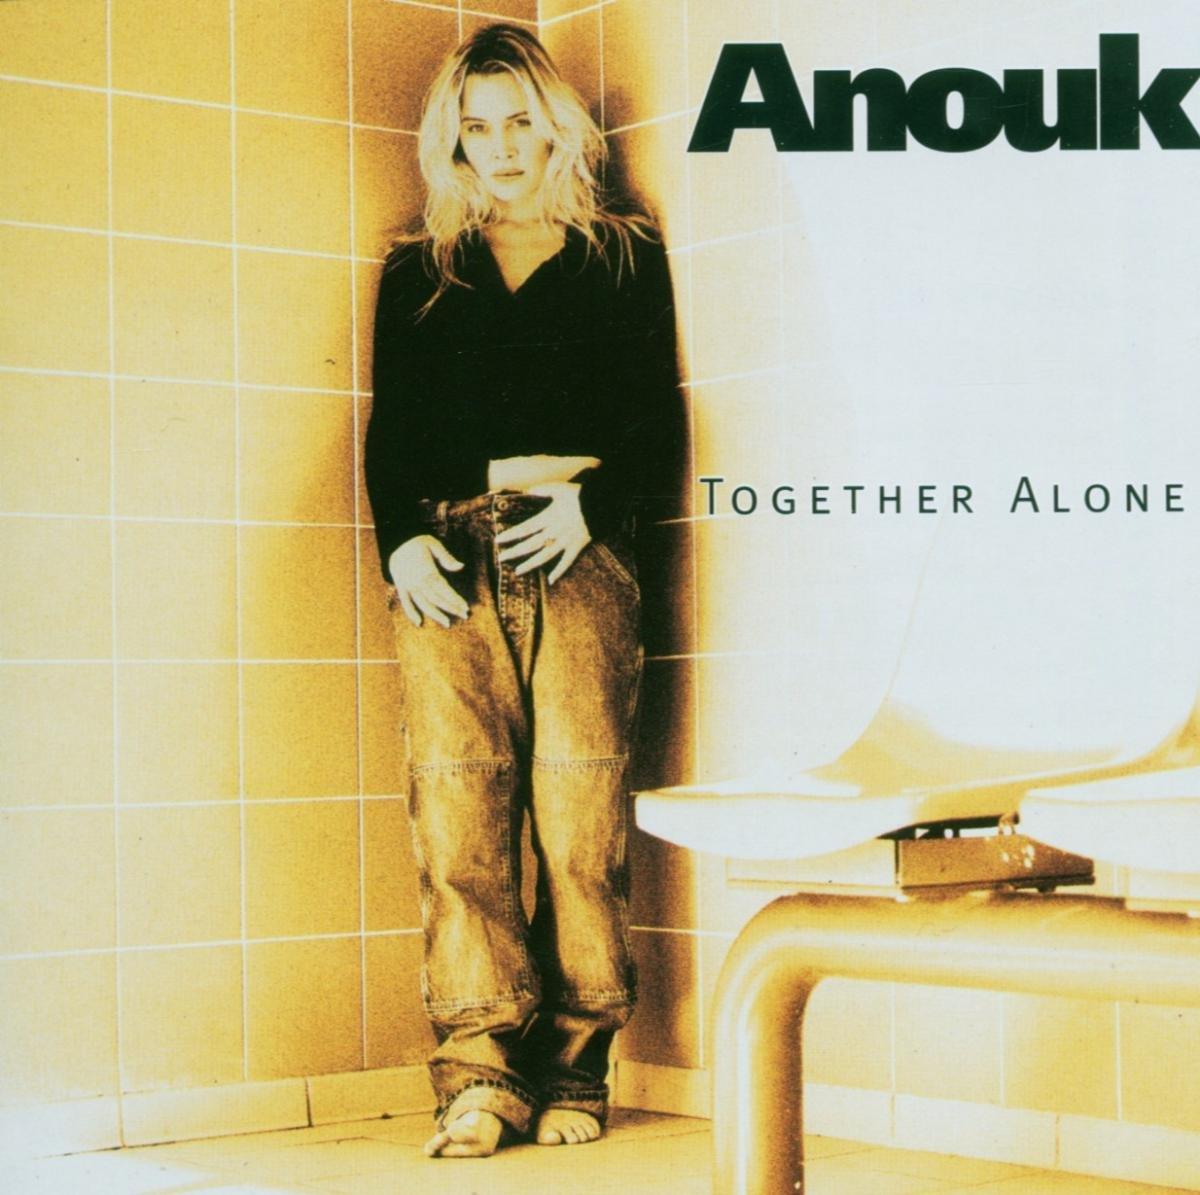 Vandaag in 1997 bracht Anouk haar debuutalbum Together Alone uit!